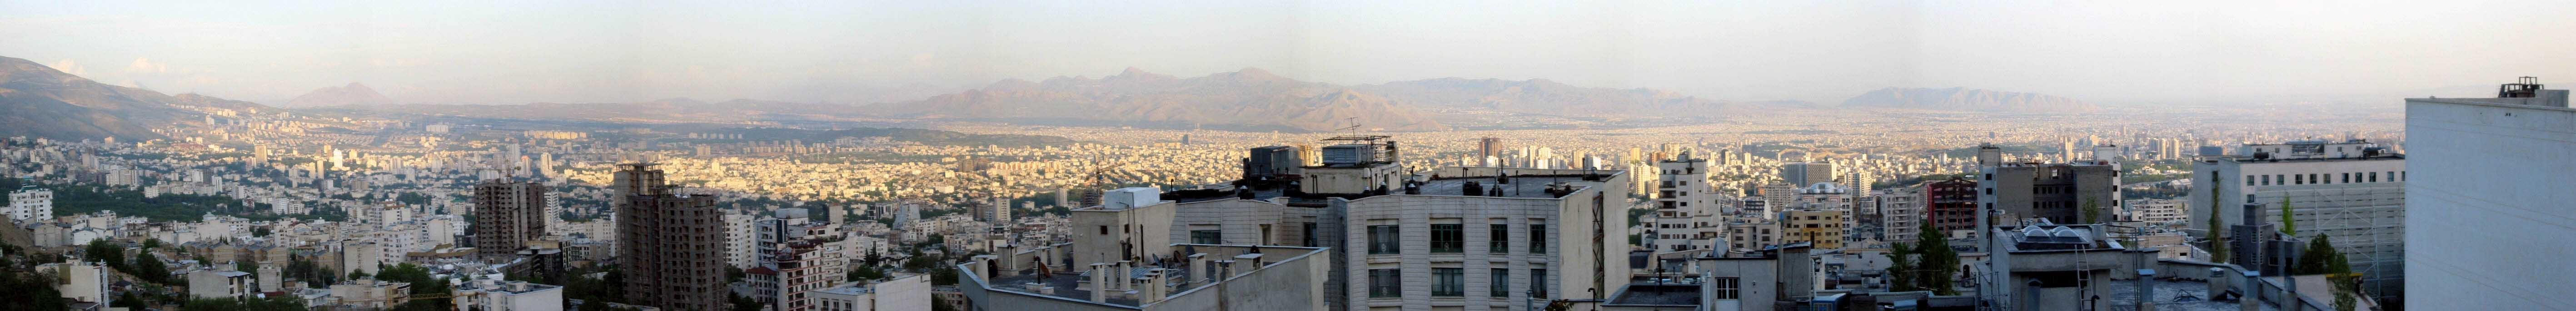 iran_panoramic